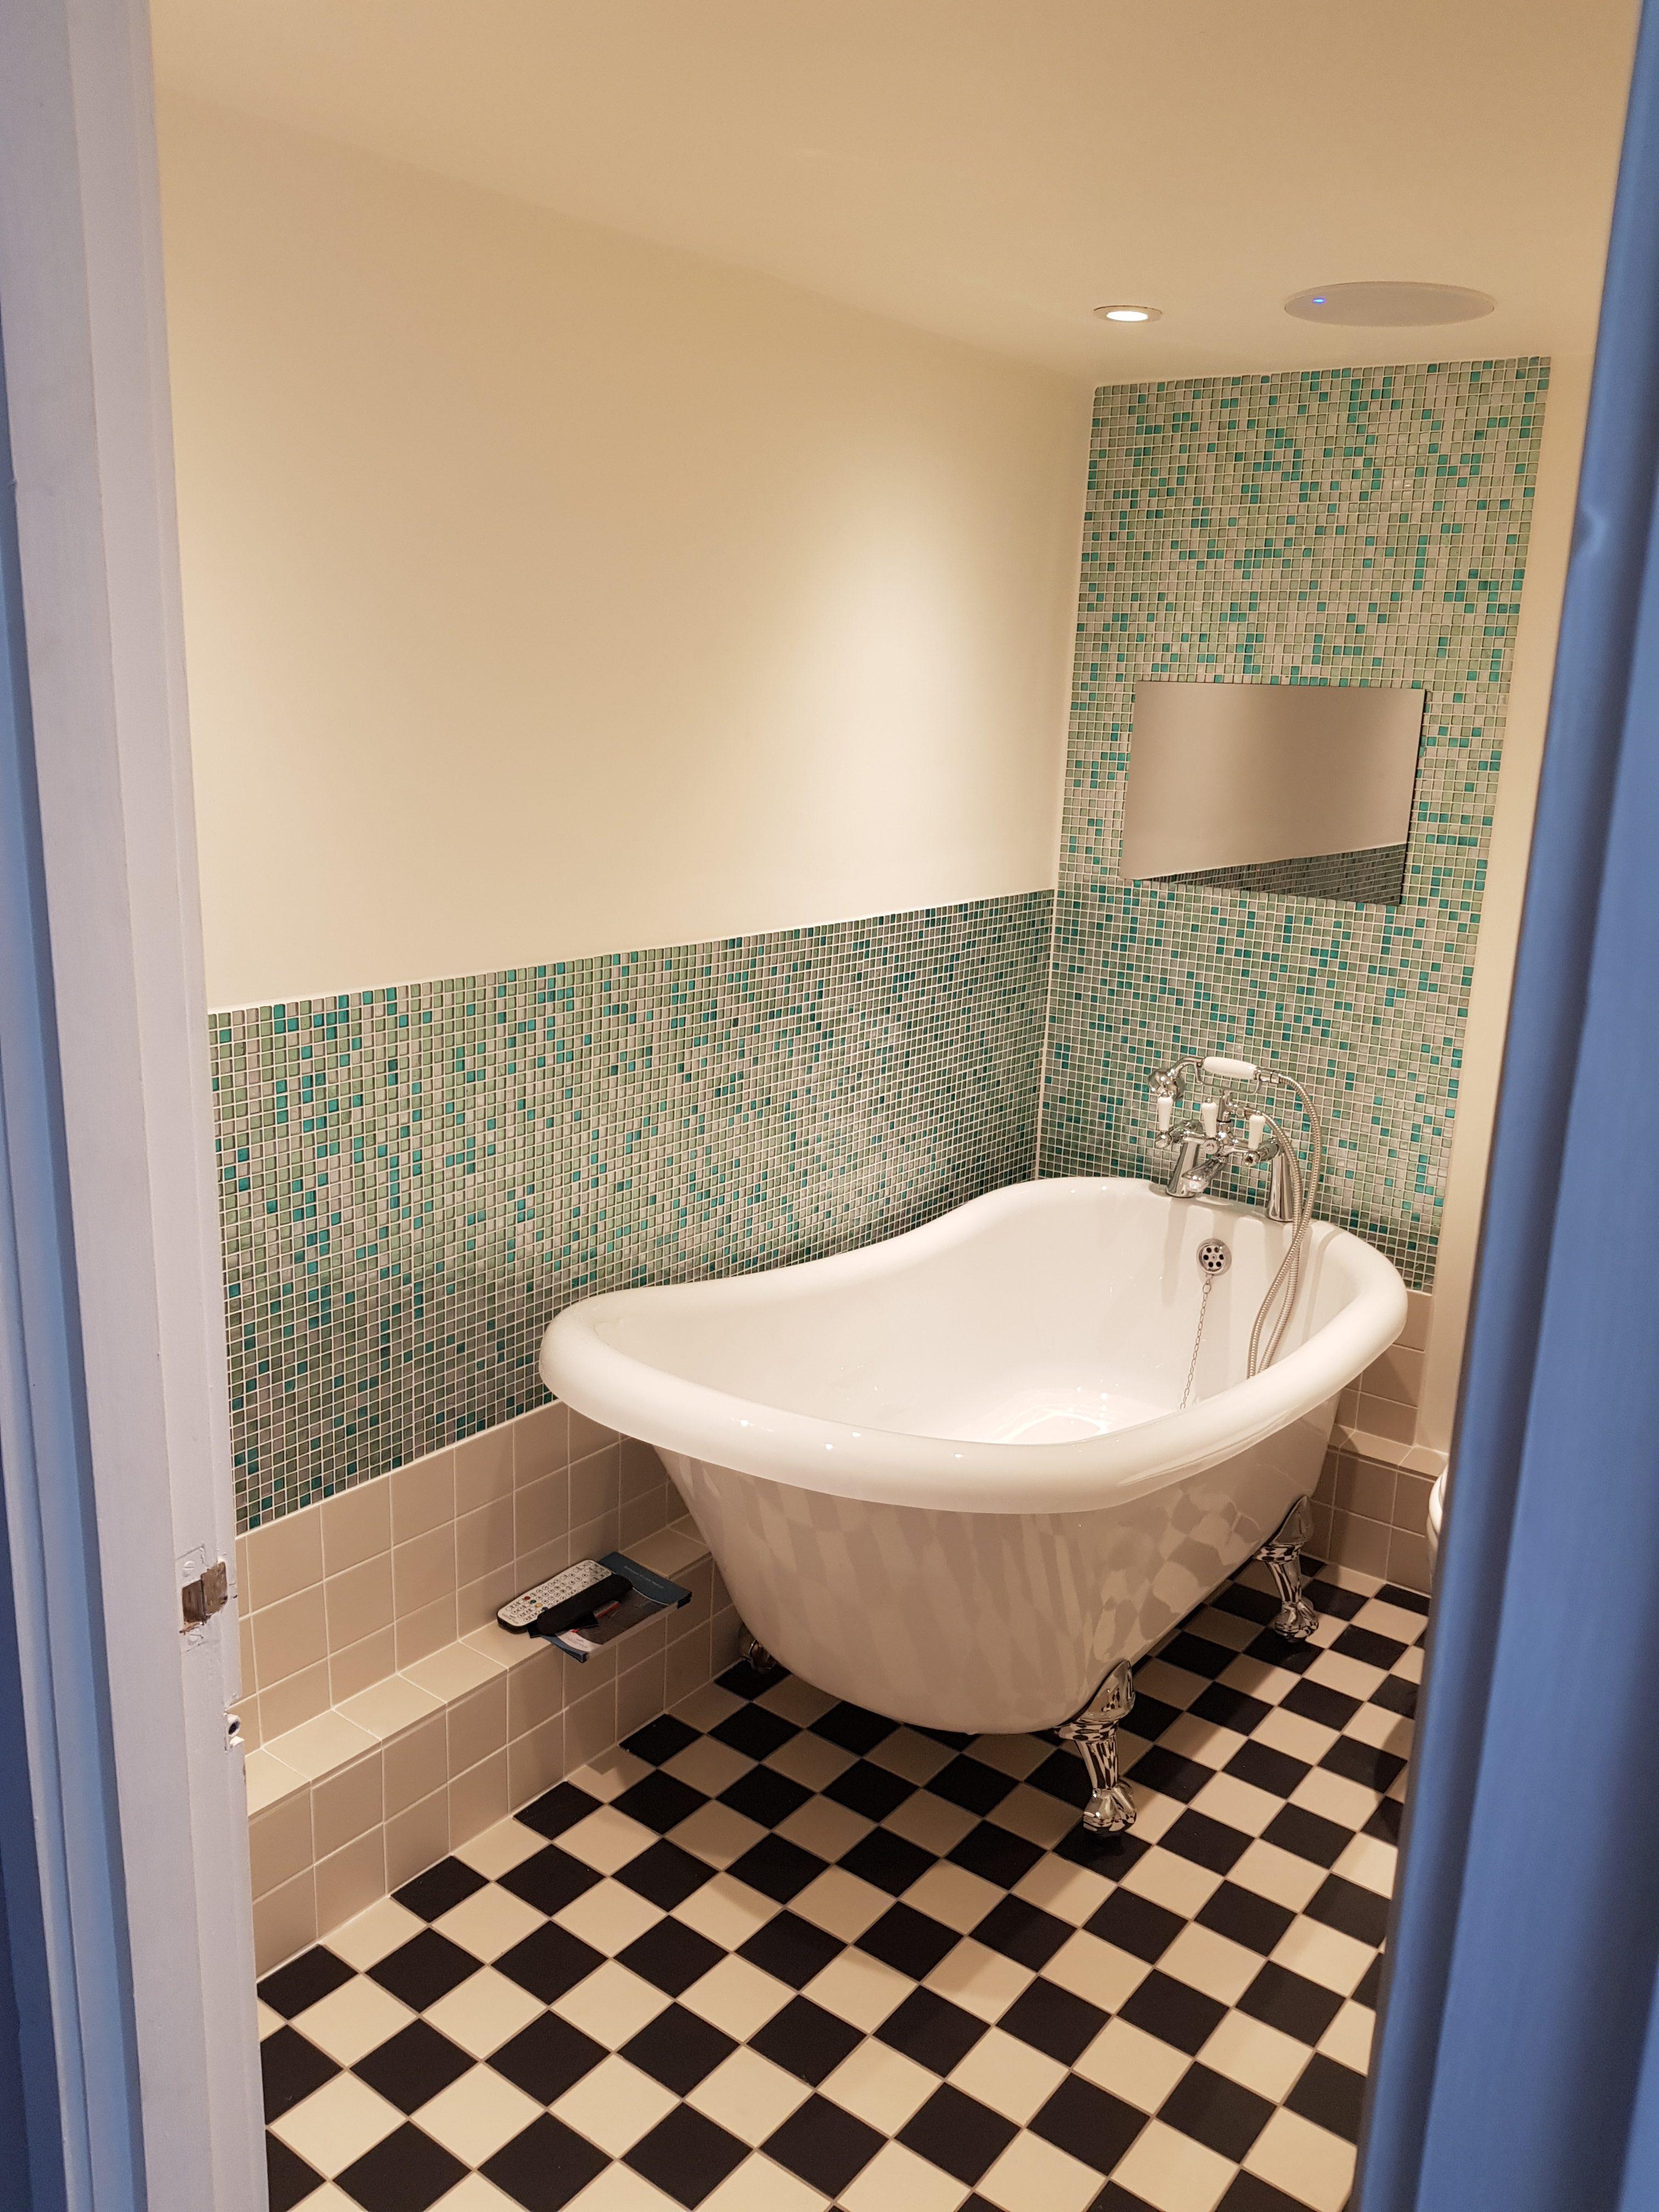 Bathroom, TV, Luxury